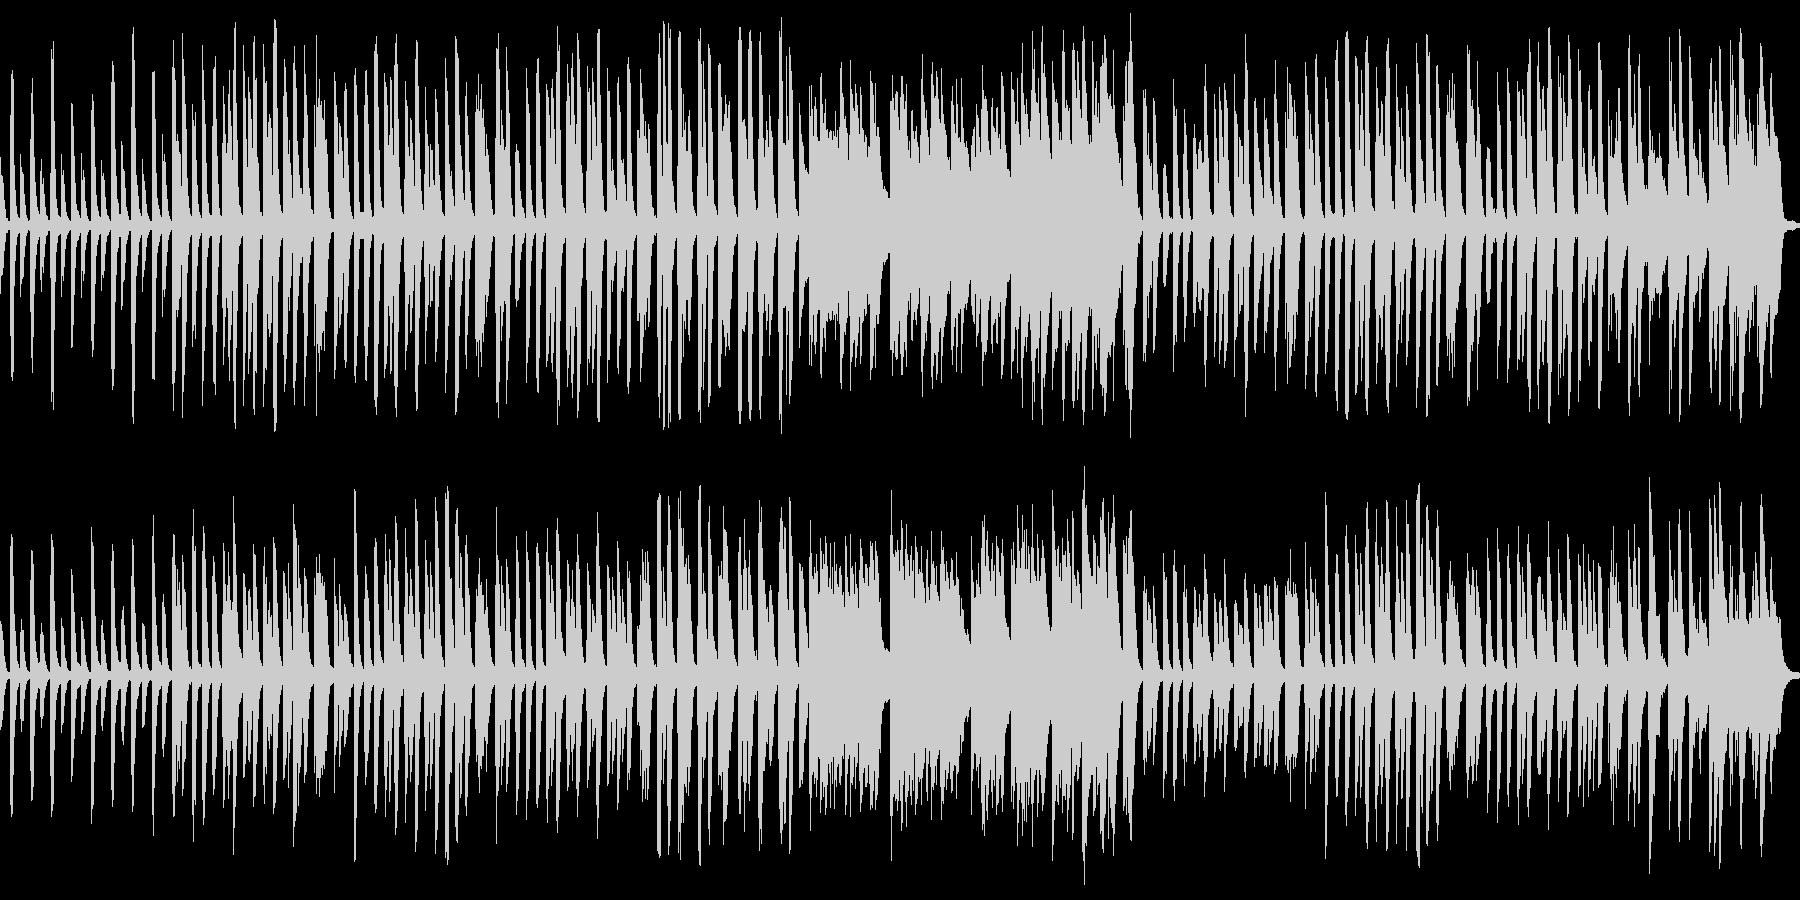 こんぺい糖の踊り ピアノアレンジの未再生の波形